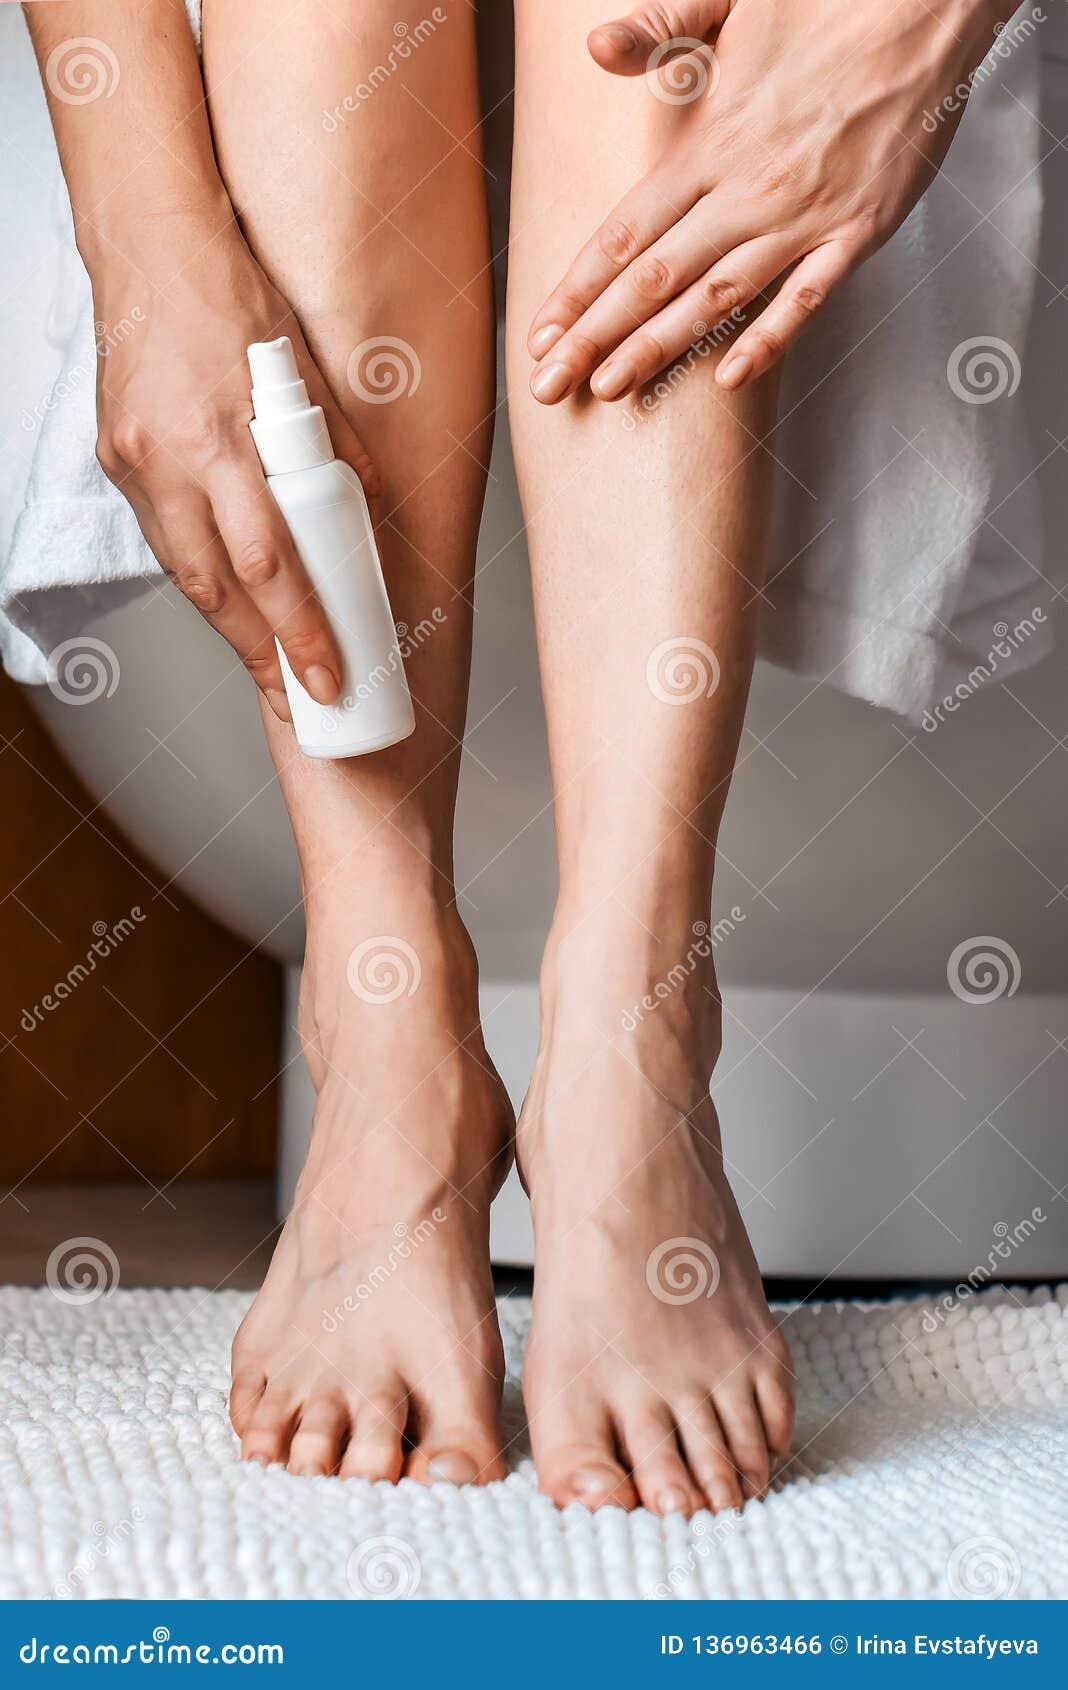 Frauenfuß im Wasser Junge Frau im Badezimmer, ihre Beine streichend Anti-Cellulitebehandlung für schöne gut-gepflegte Beine